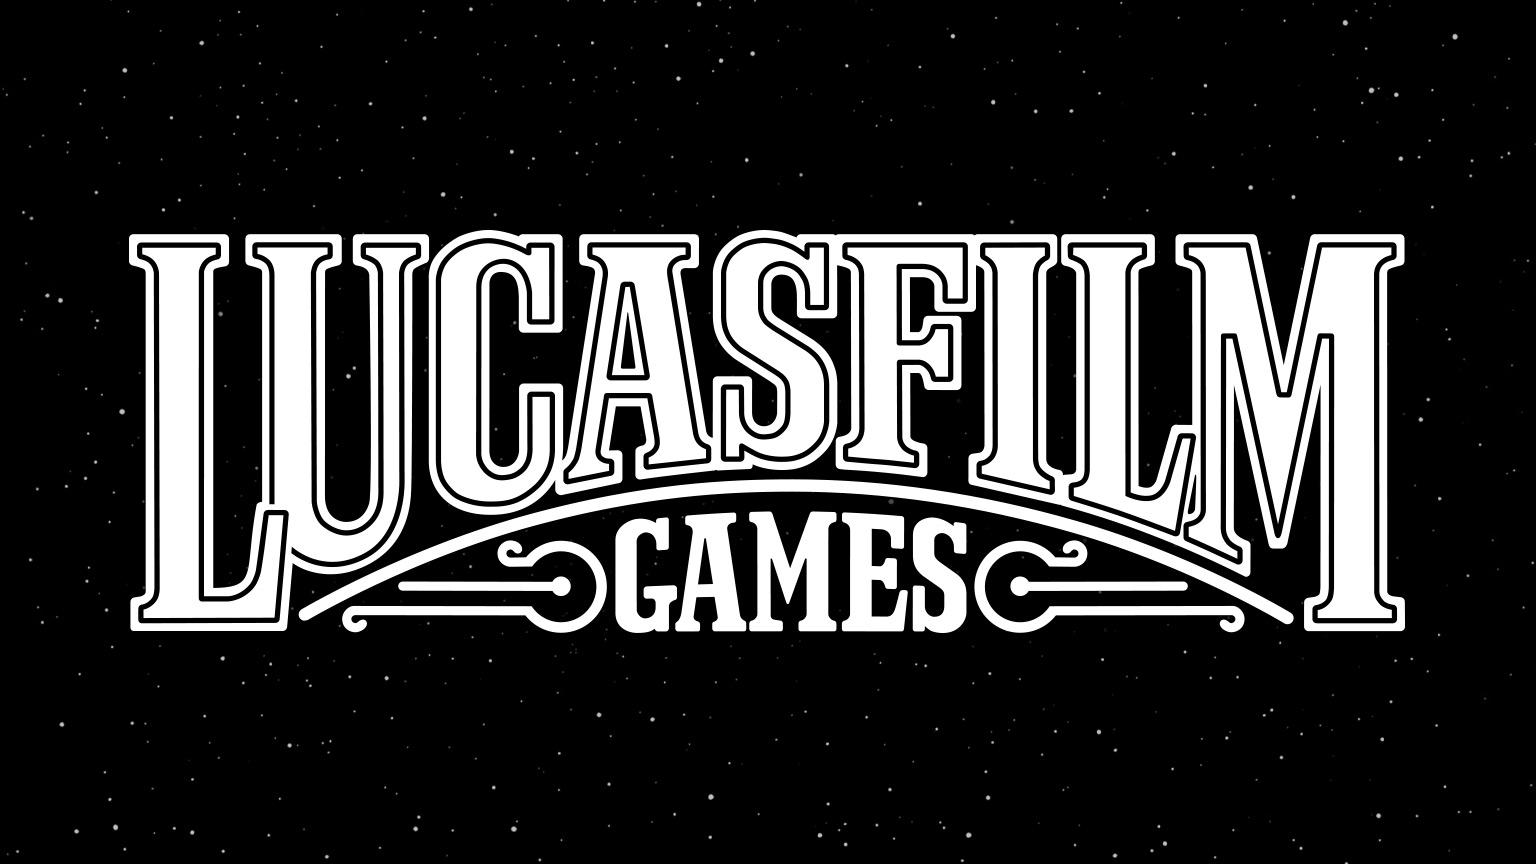 Nasce LucasFilm Games, una nuova etichetta per i giochi di Star Wars